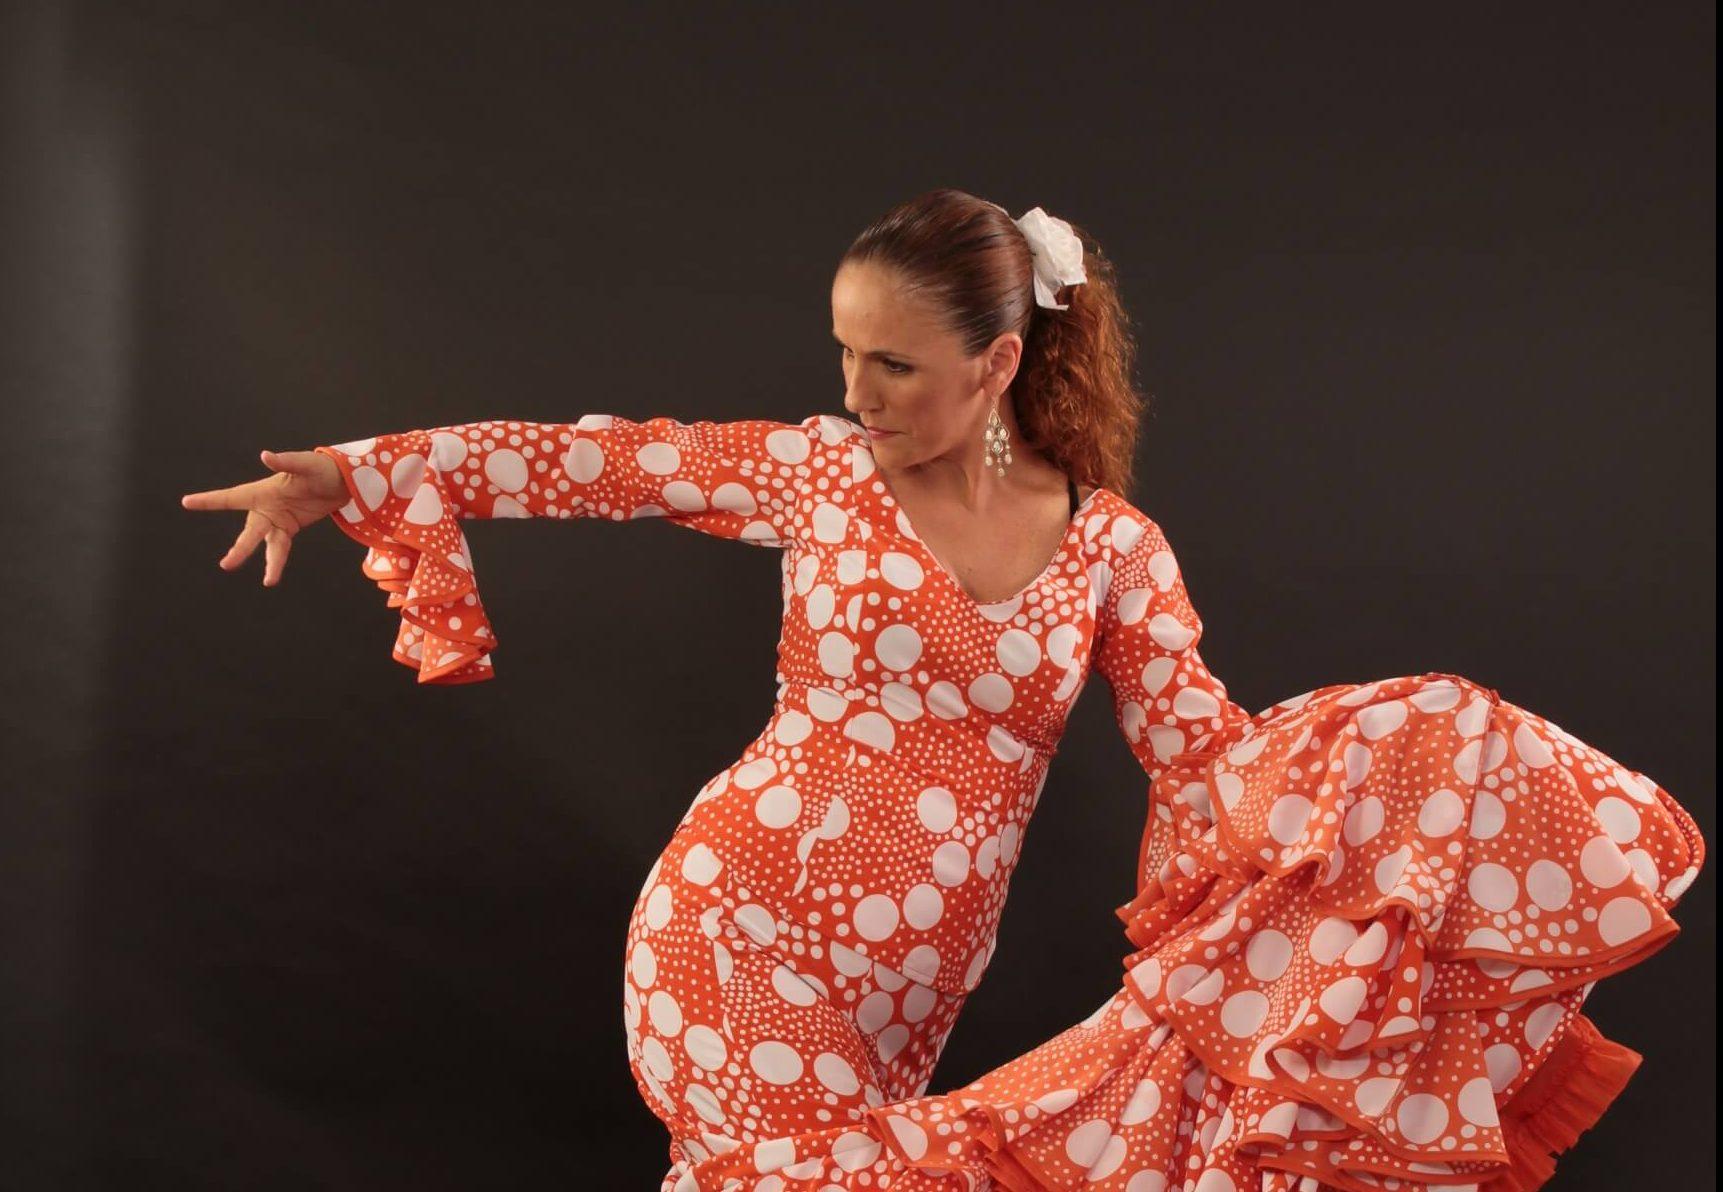 לרקוד בלי לנשום: 5 טיפים לנשימה נכונה במהלך ריקוד